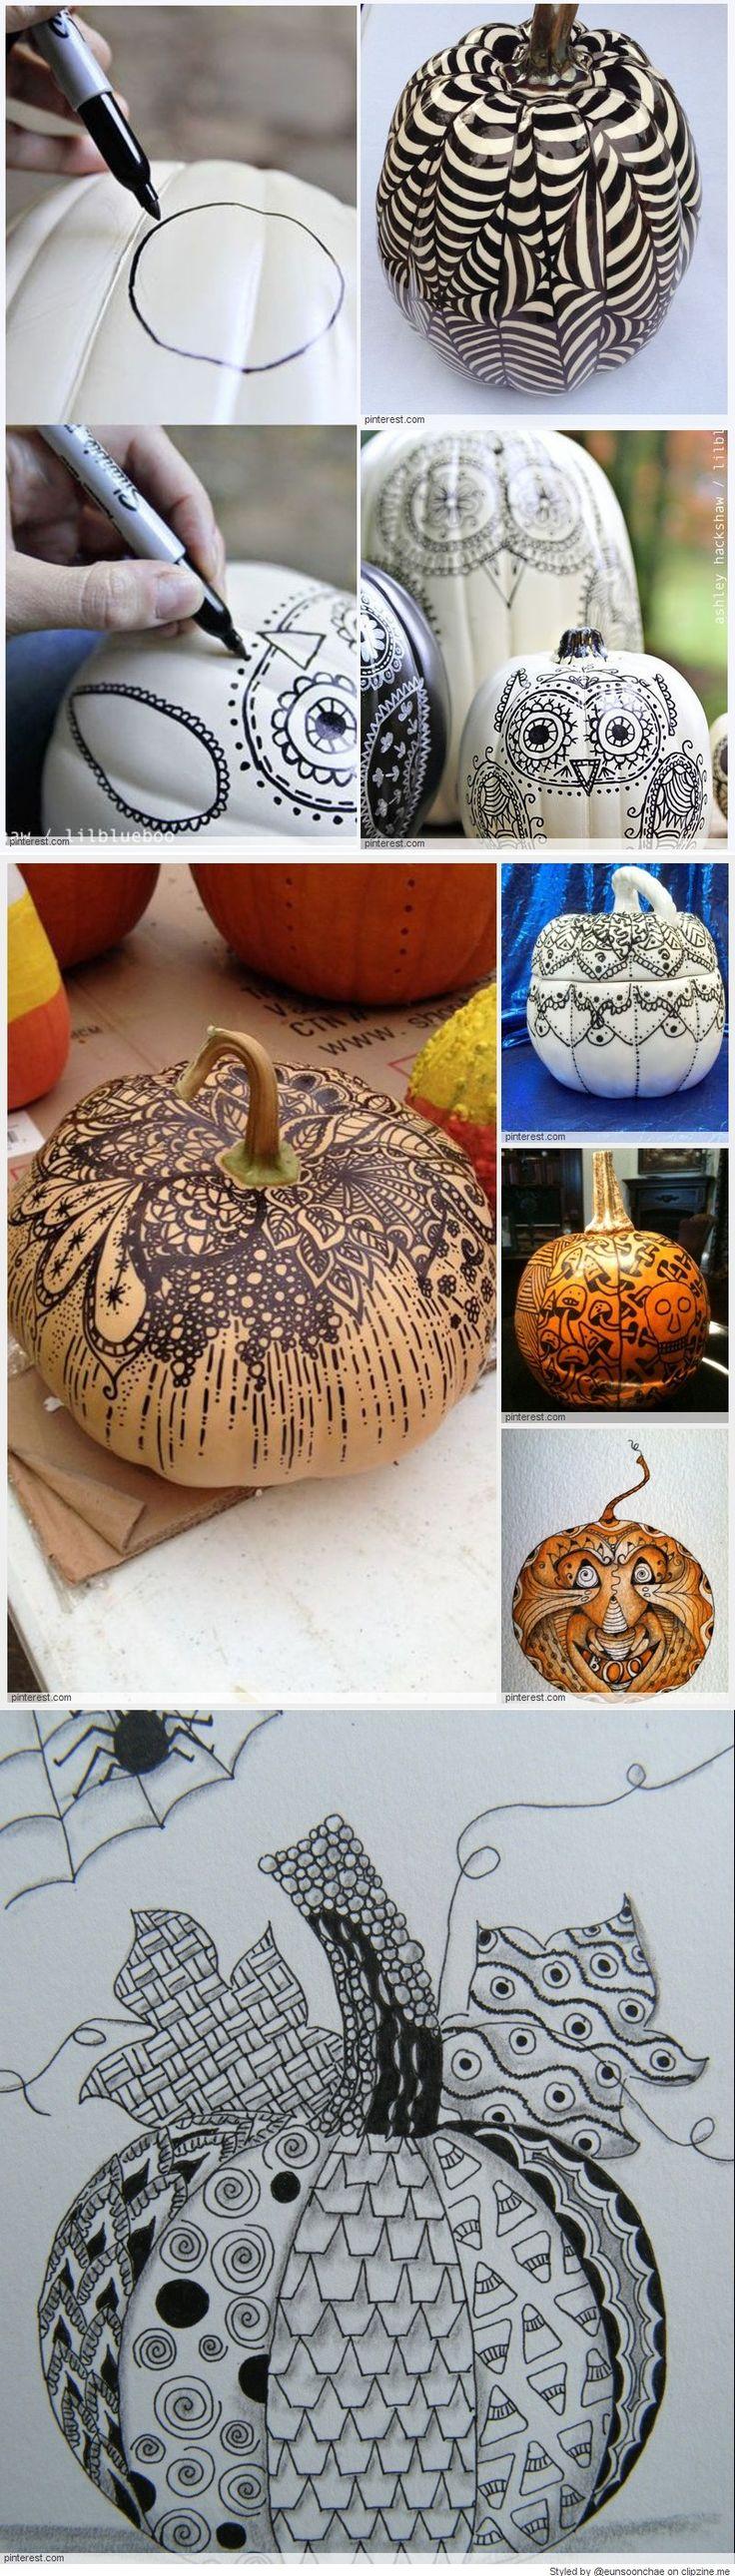 best 25 pumpkin patterns ideas on pinterest pumpkin template